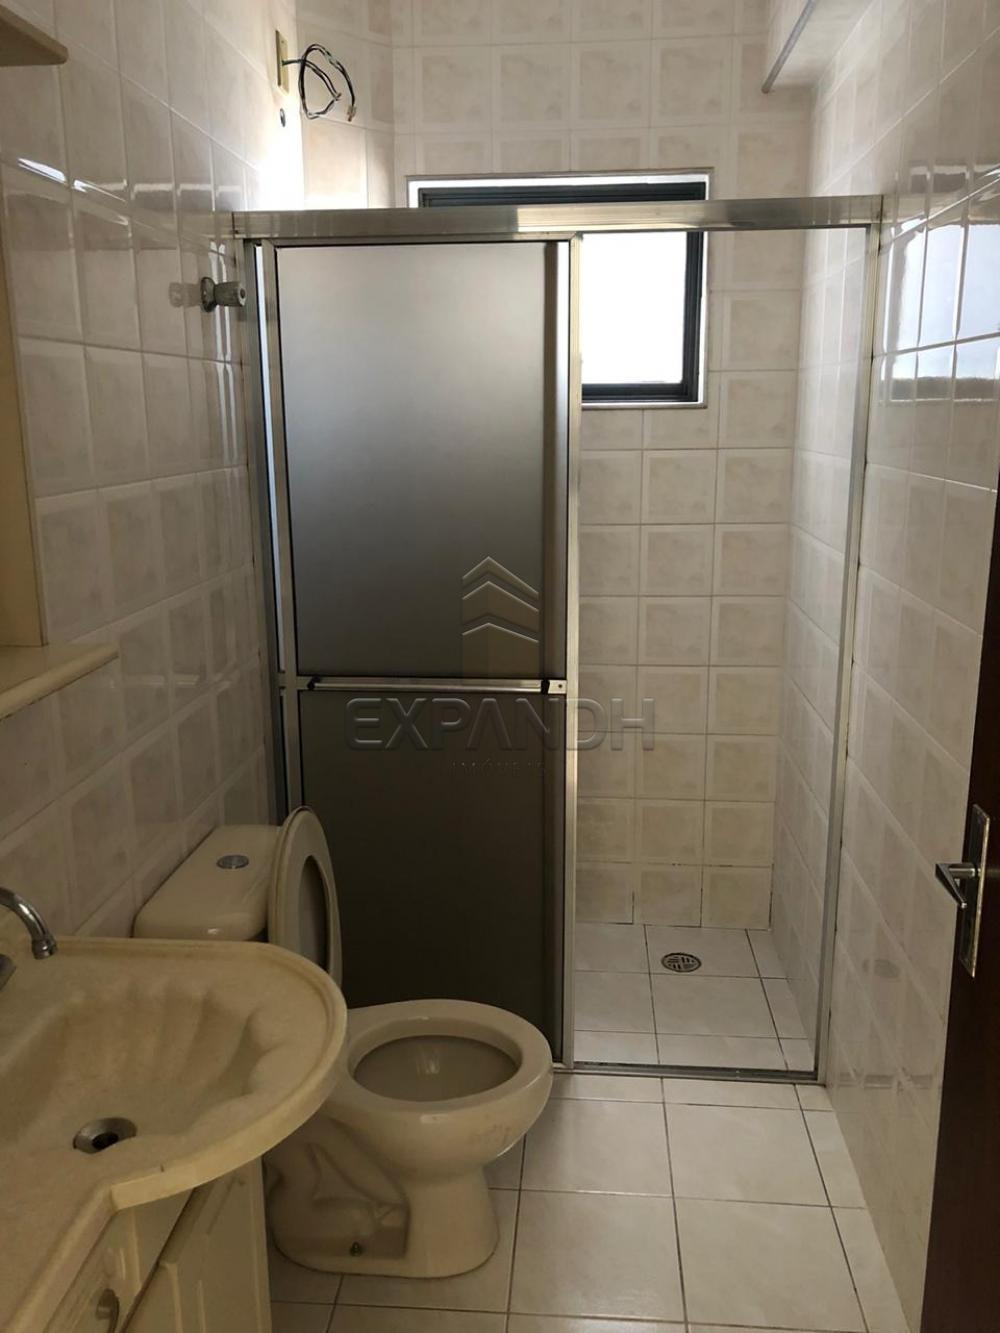 Alugar Apartamentos / Padrão em Sertãozinho apenas R$ 900,00 - Foto 13